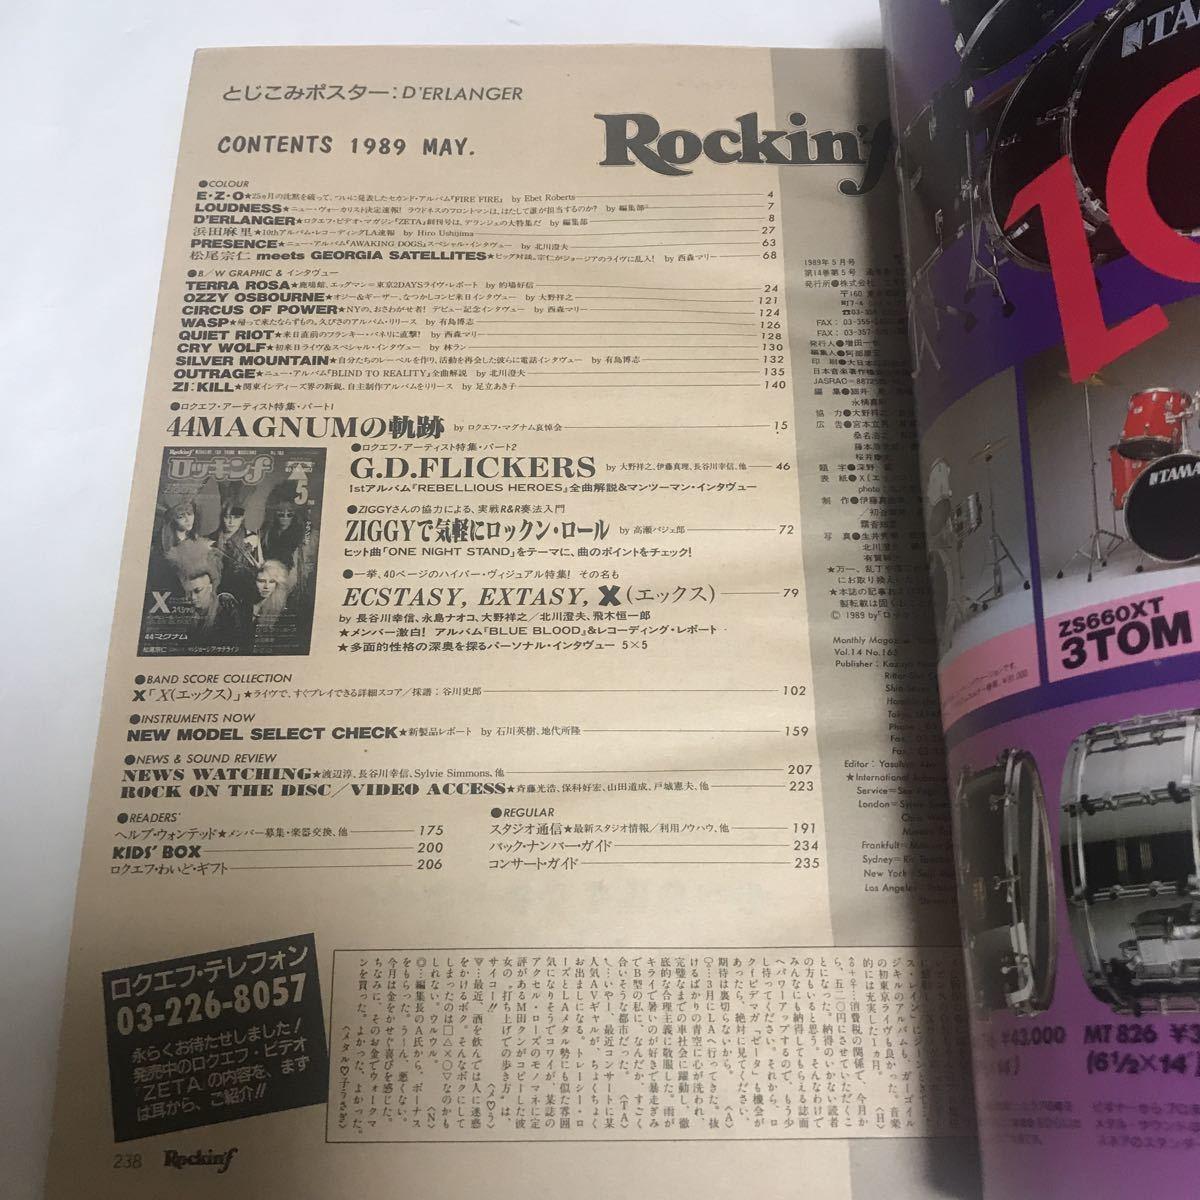 【貴重】 X JAPAN 表紙 ロッキンf 89年5月号 YOSHIKI TAIJI hide xjapan エックス ジャパメタ デランジェ 音楽雑誌 本 ZIGGY 44マグナム_画像9